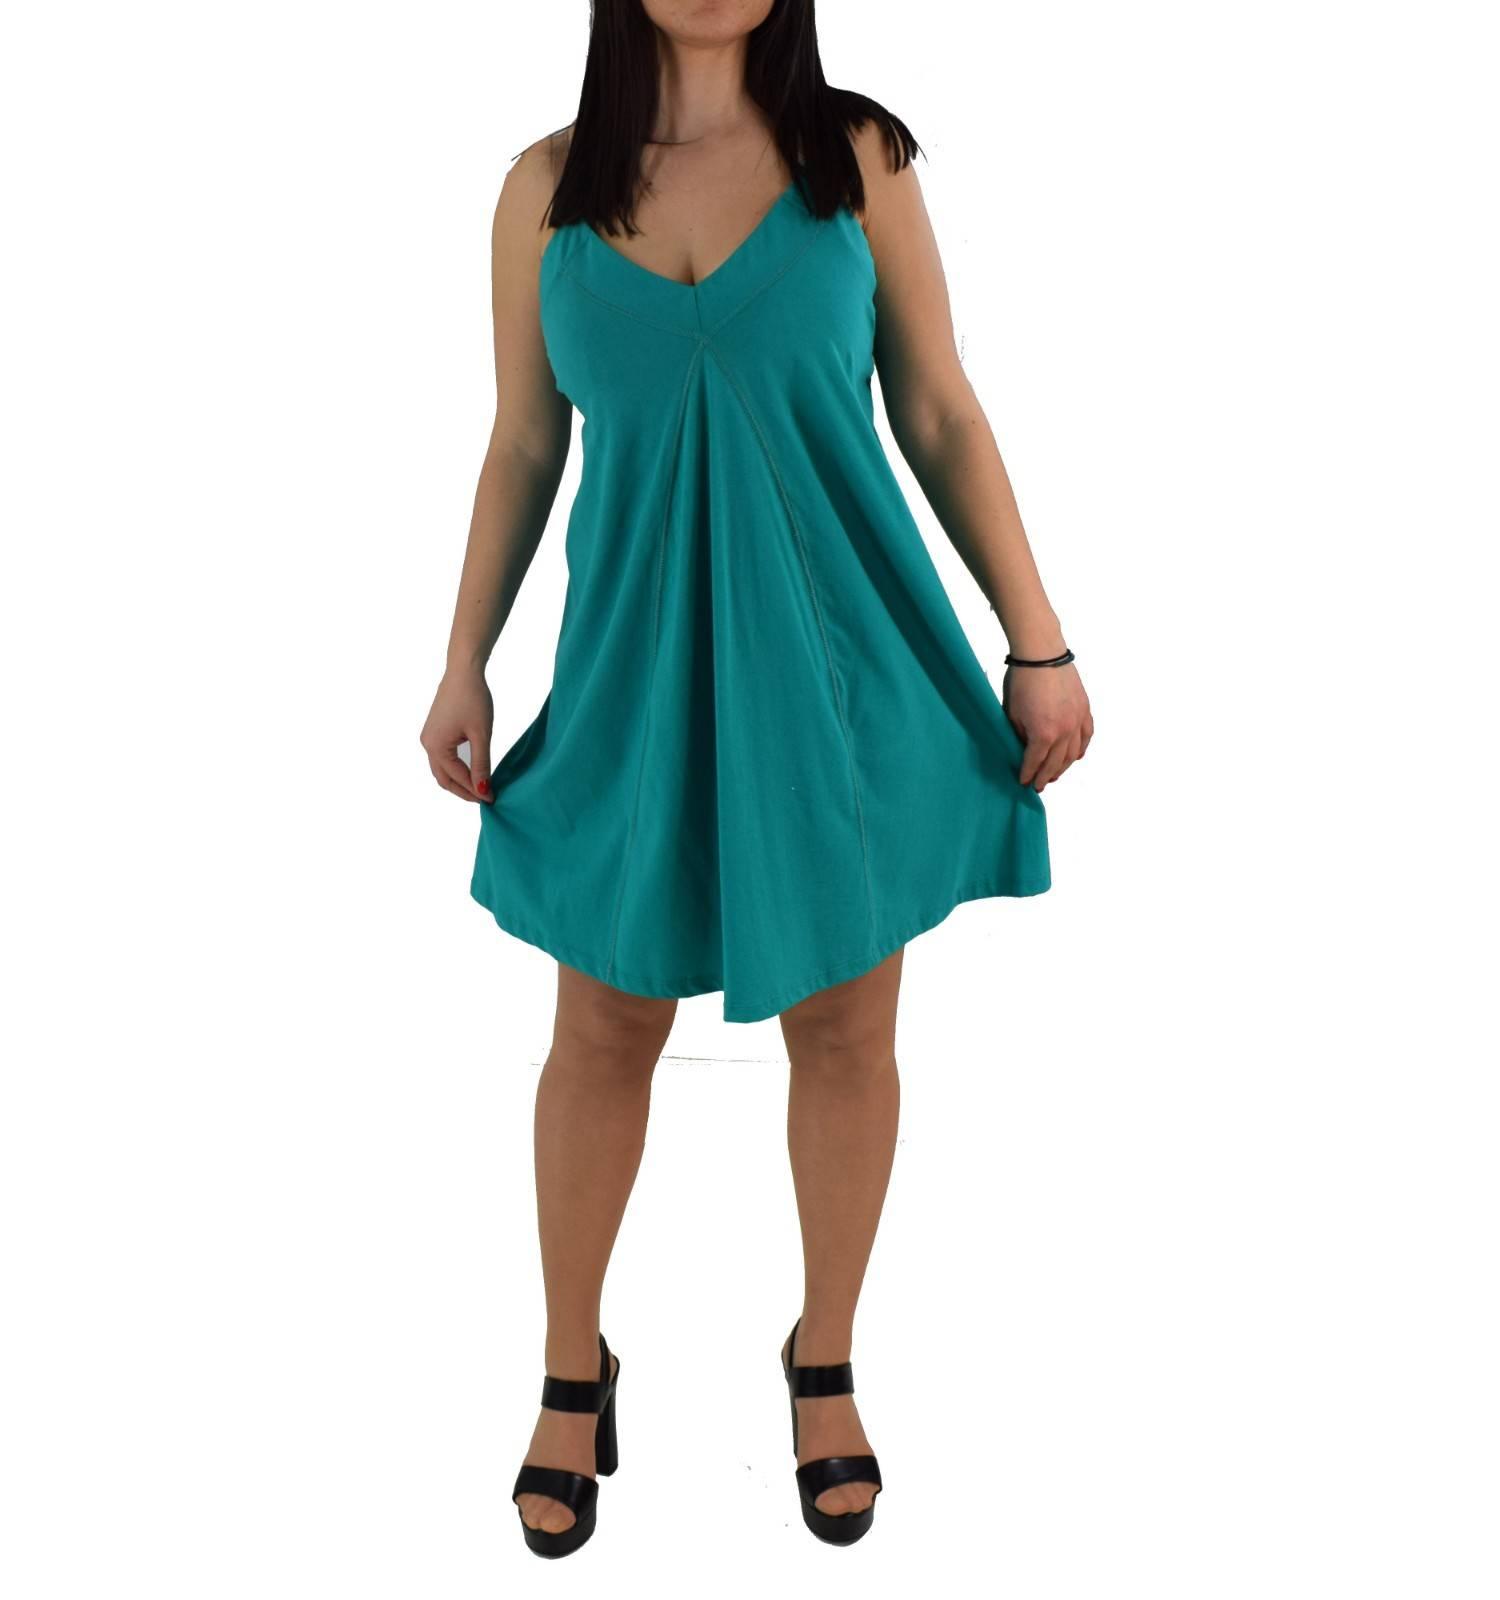 14231826d006 Γυναικείο Φόρεμα Toi Moi 50-2022-15 Τιρκουάζ toimoi 50-2022-15 ...